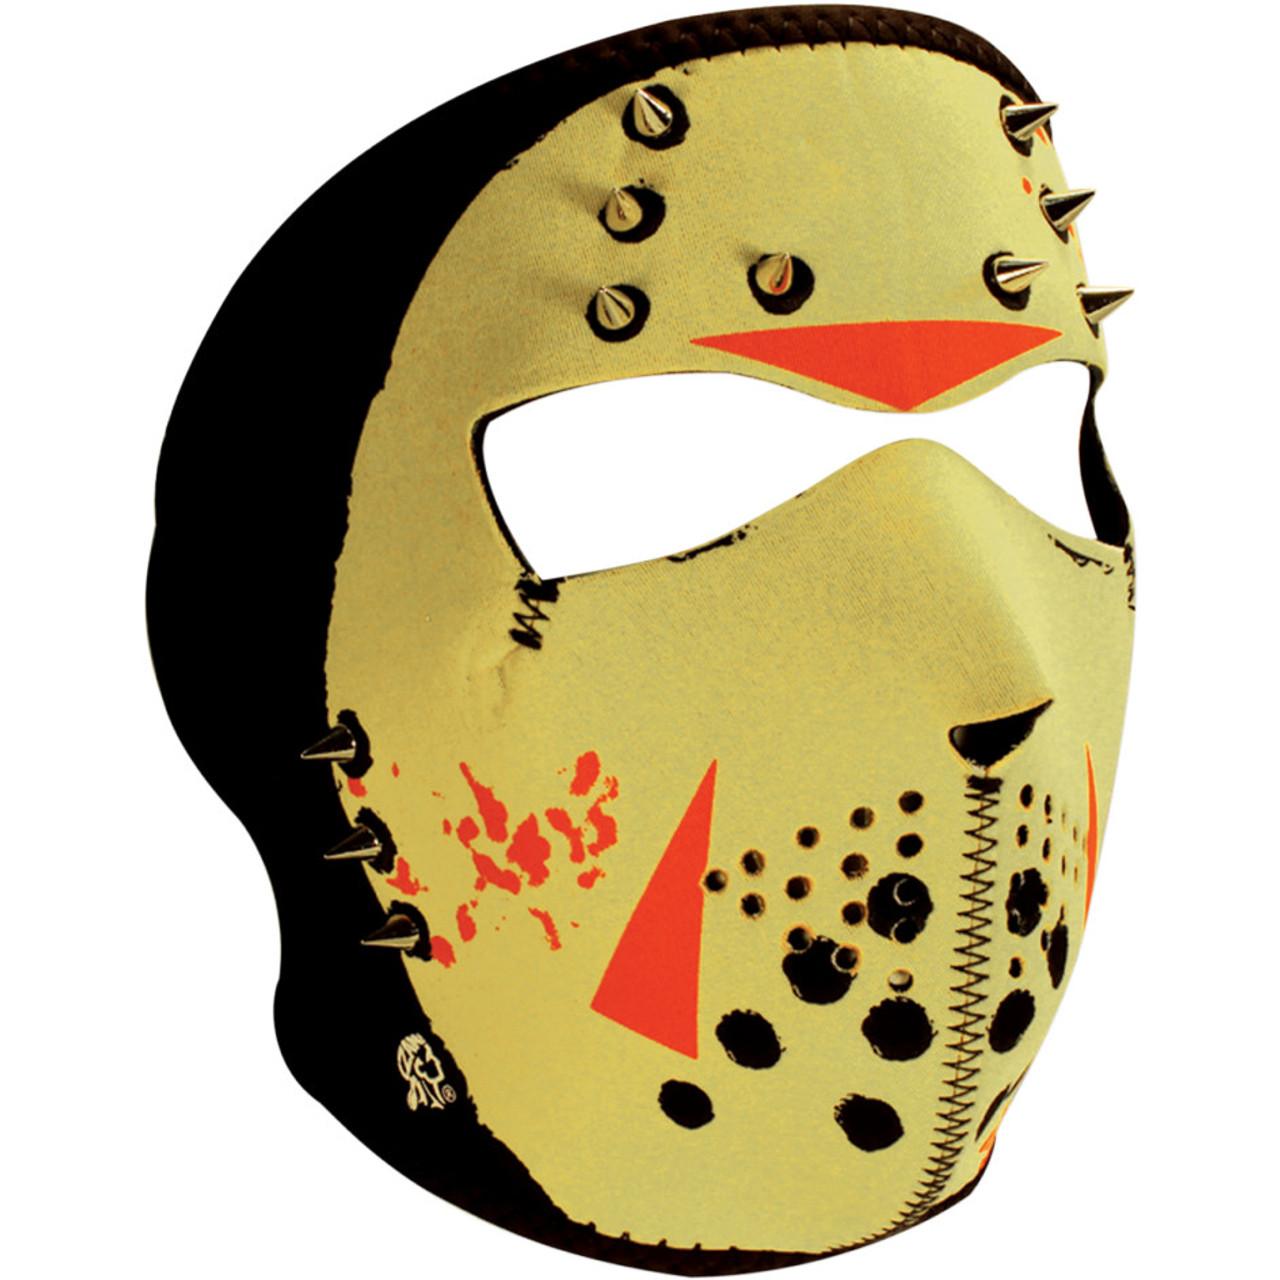 Zan Headgear Glow in the Dark Jason Face Mask